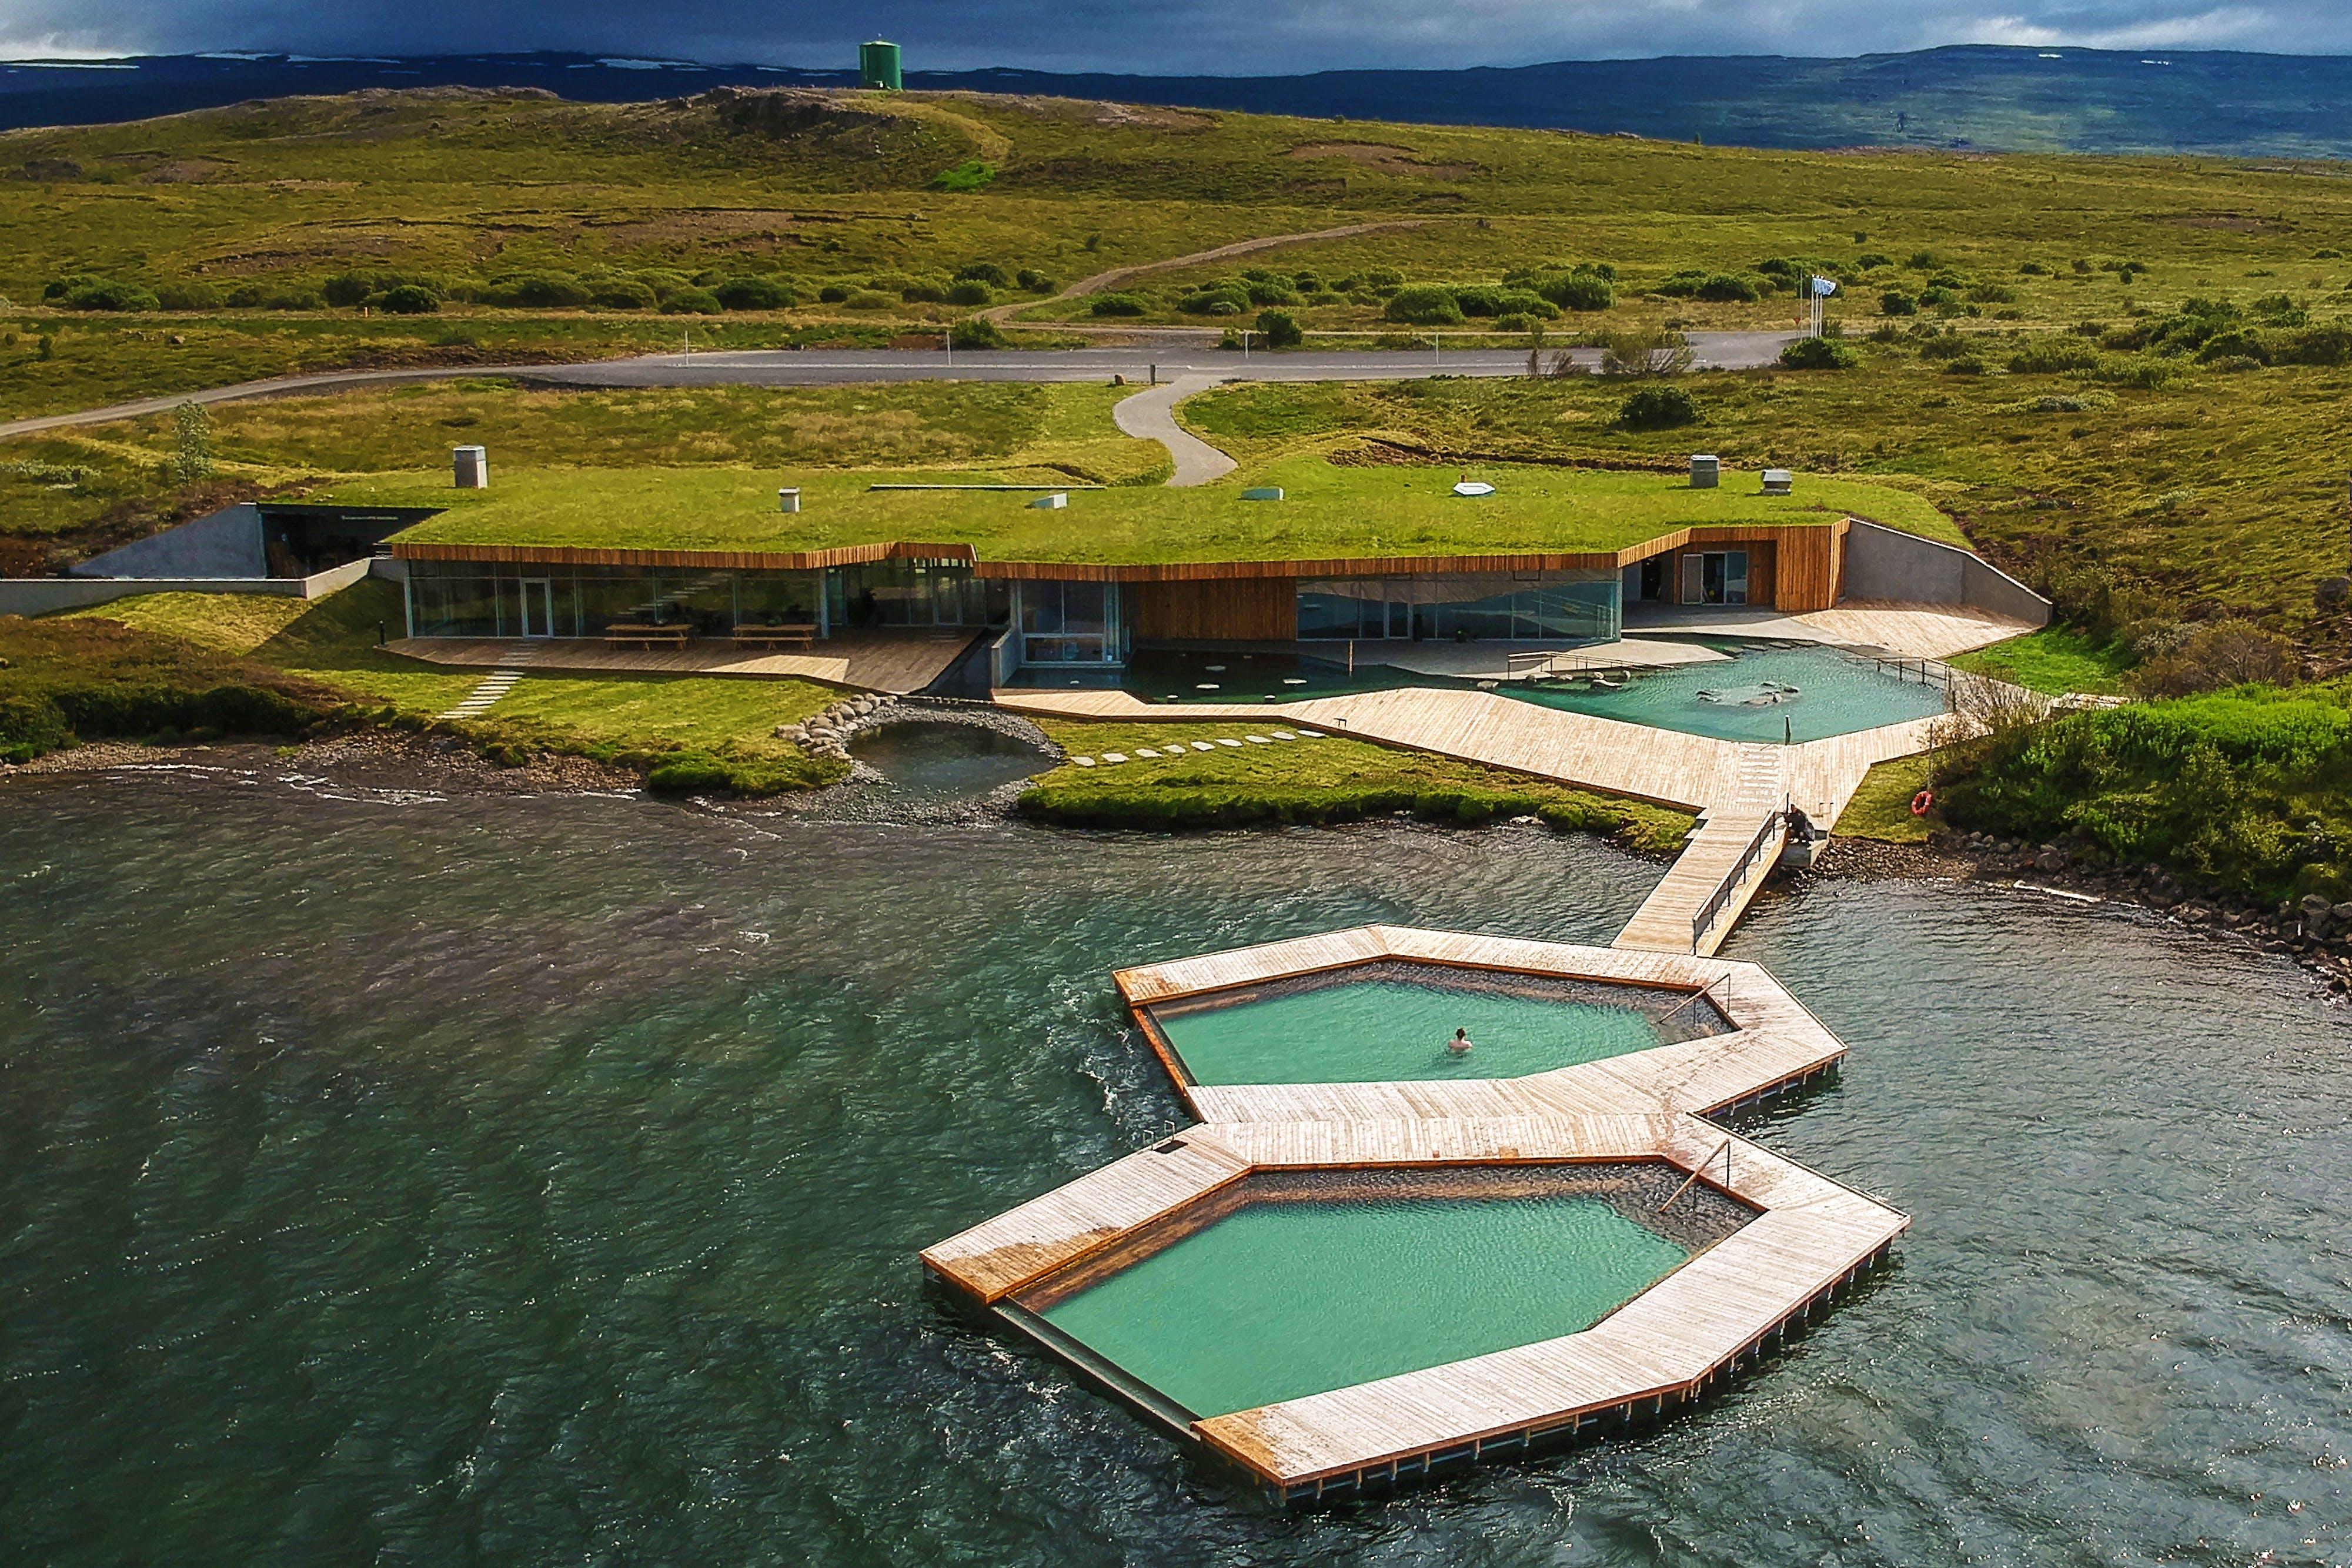 Провожаем год в геотермальных купальнях Вёк у Эгильсстадира!